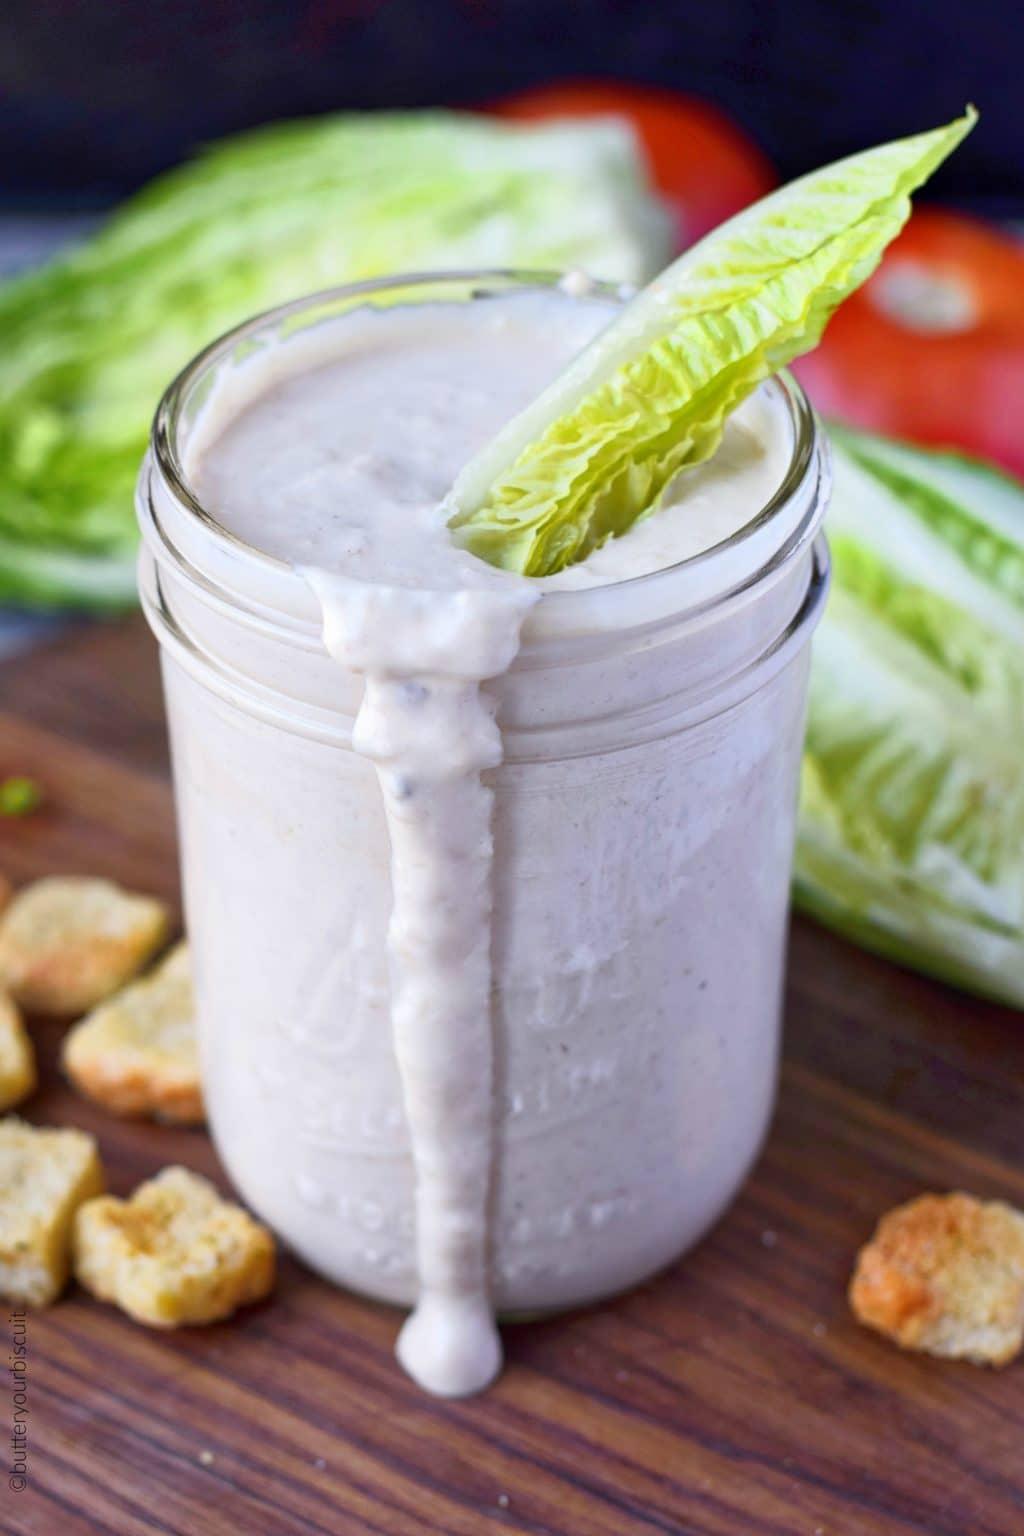 caesar salad dressing in a jar